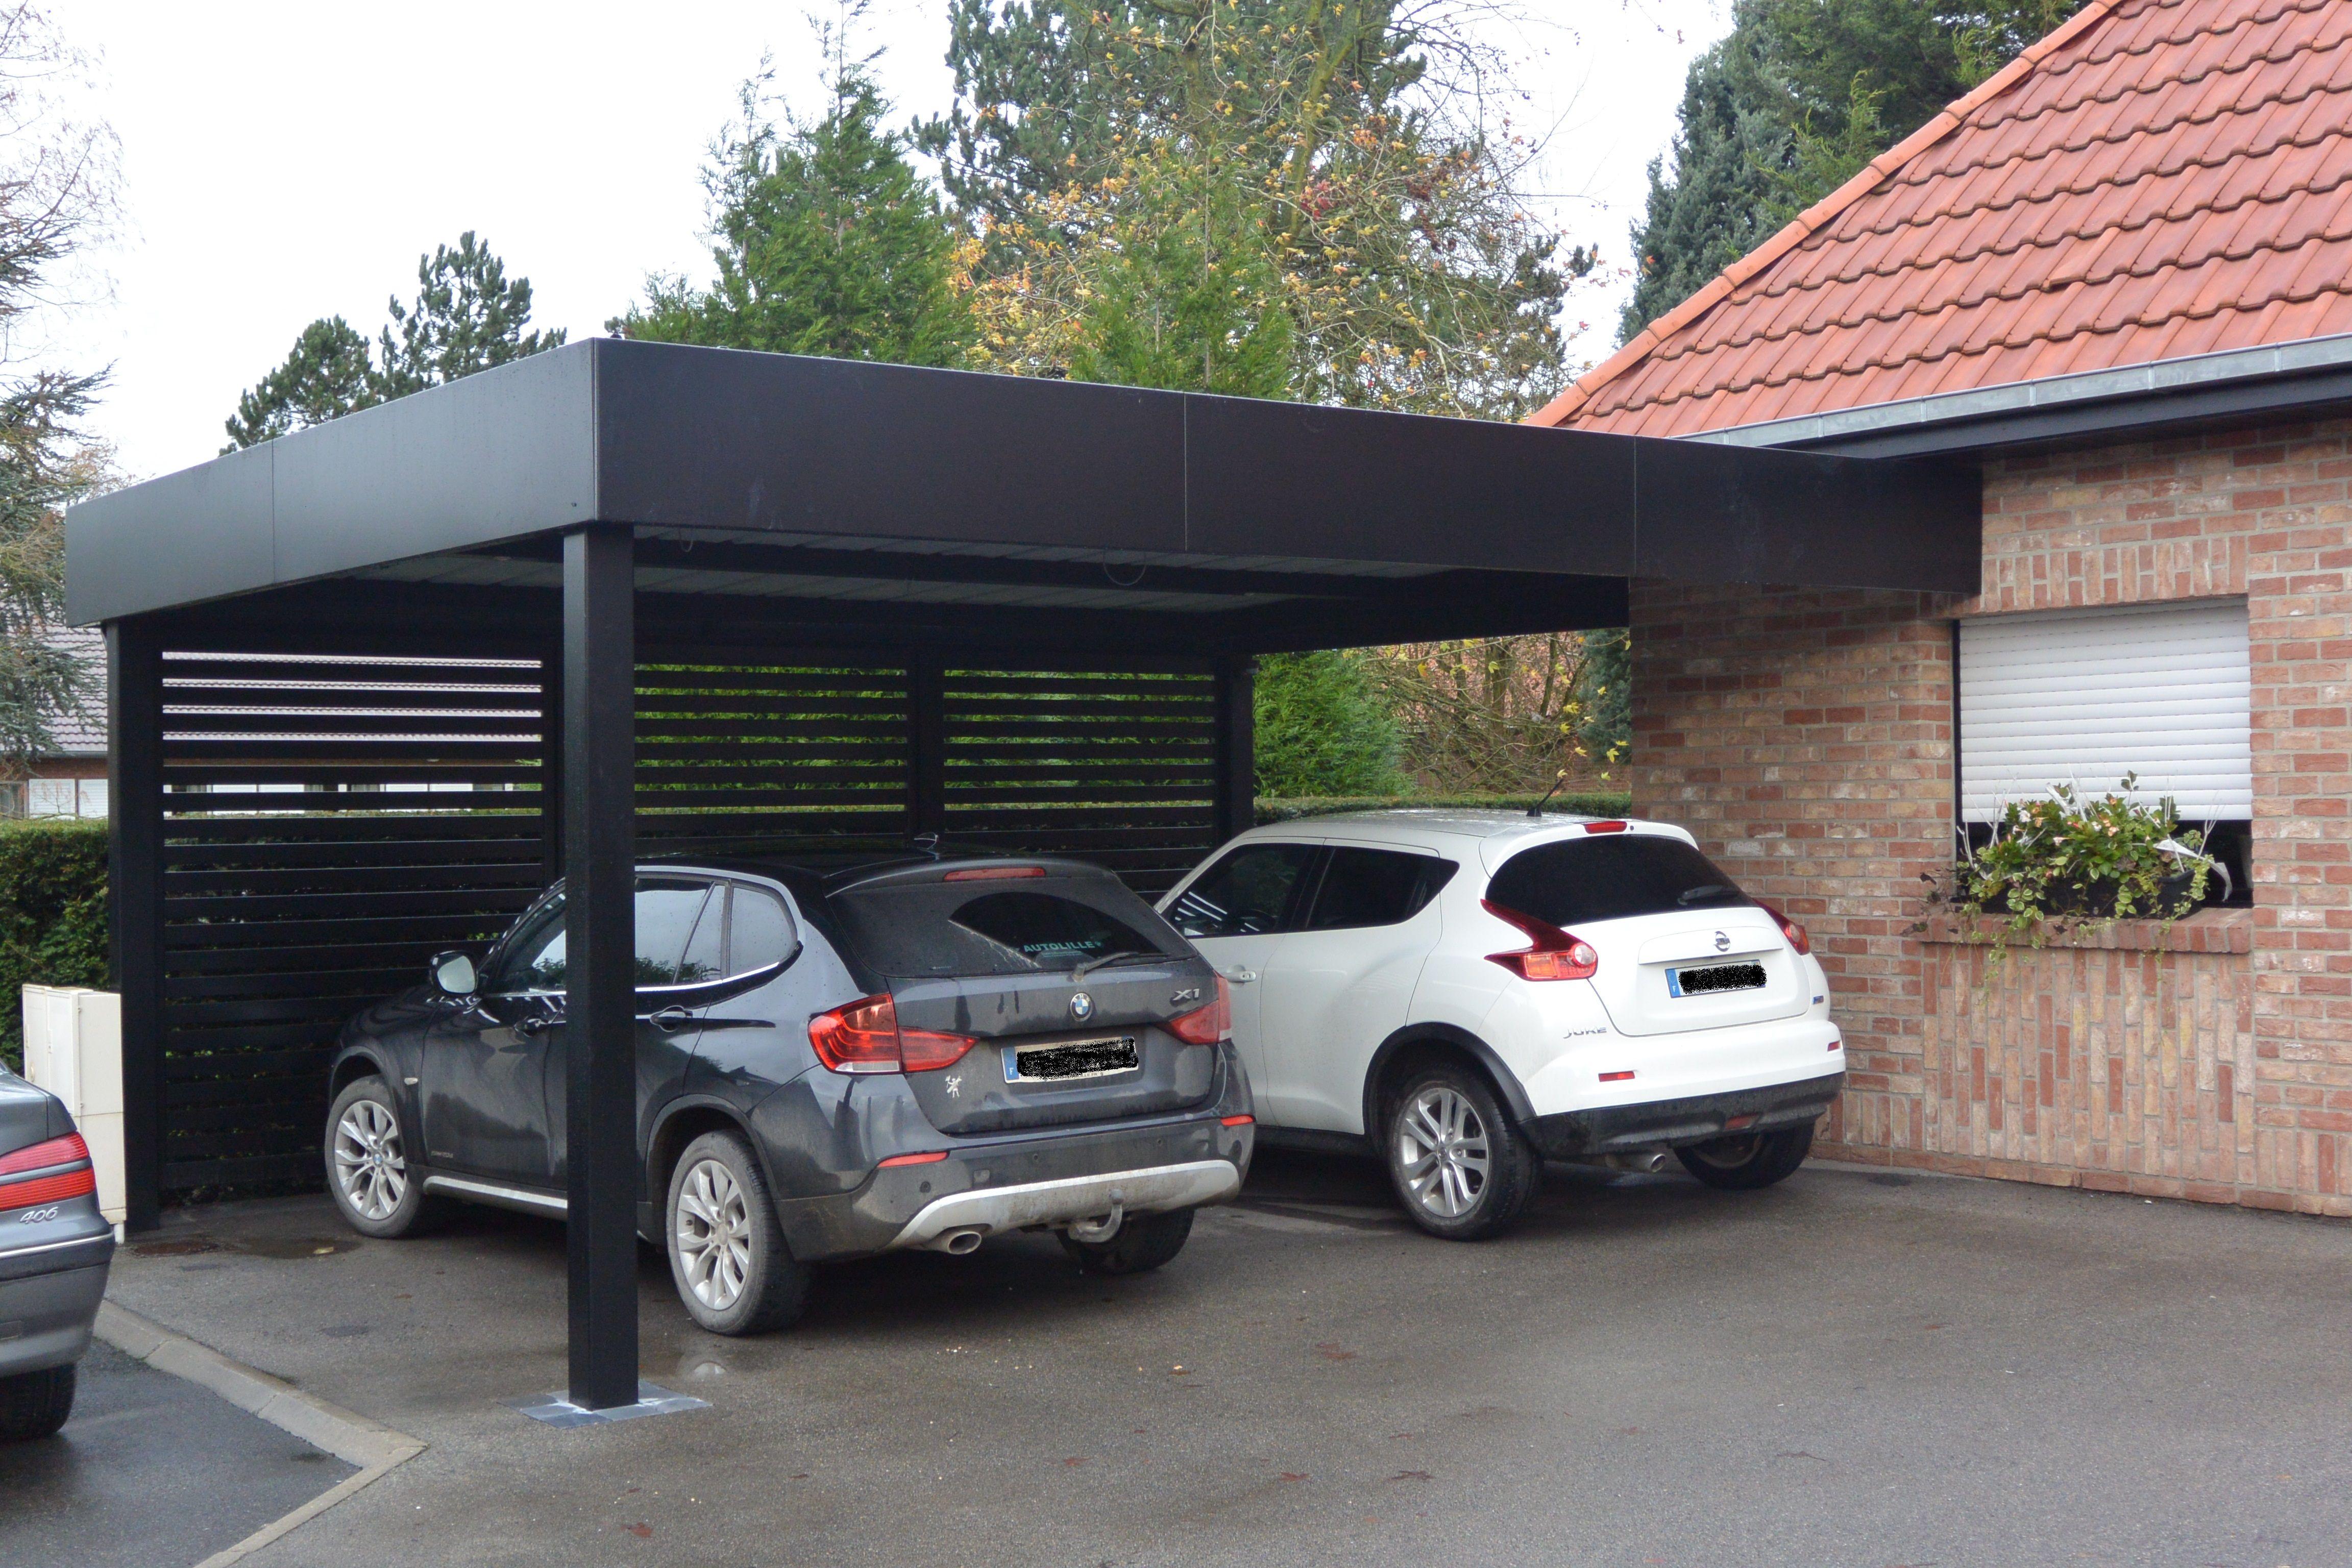 Carport Noir Semi Adosse Fabrication Francaise En Aluminium Epais Avec Profils Robustes E Amenagement Entree Maison Abri De Voiture Moderne Garage Toit Plat